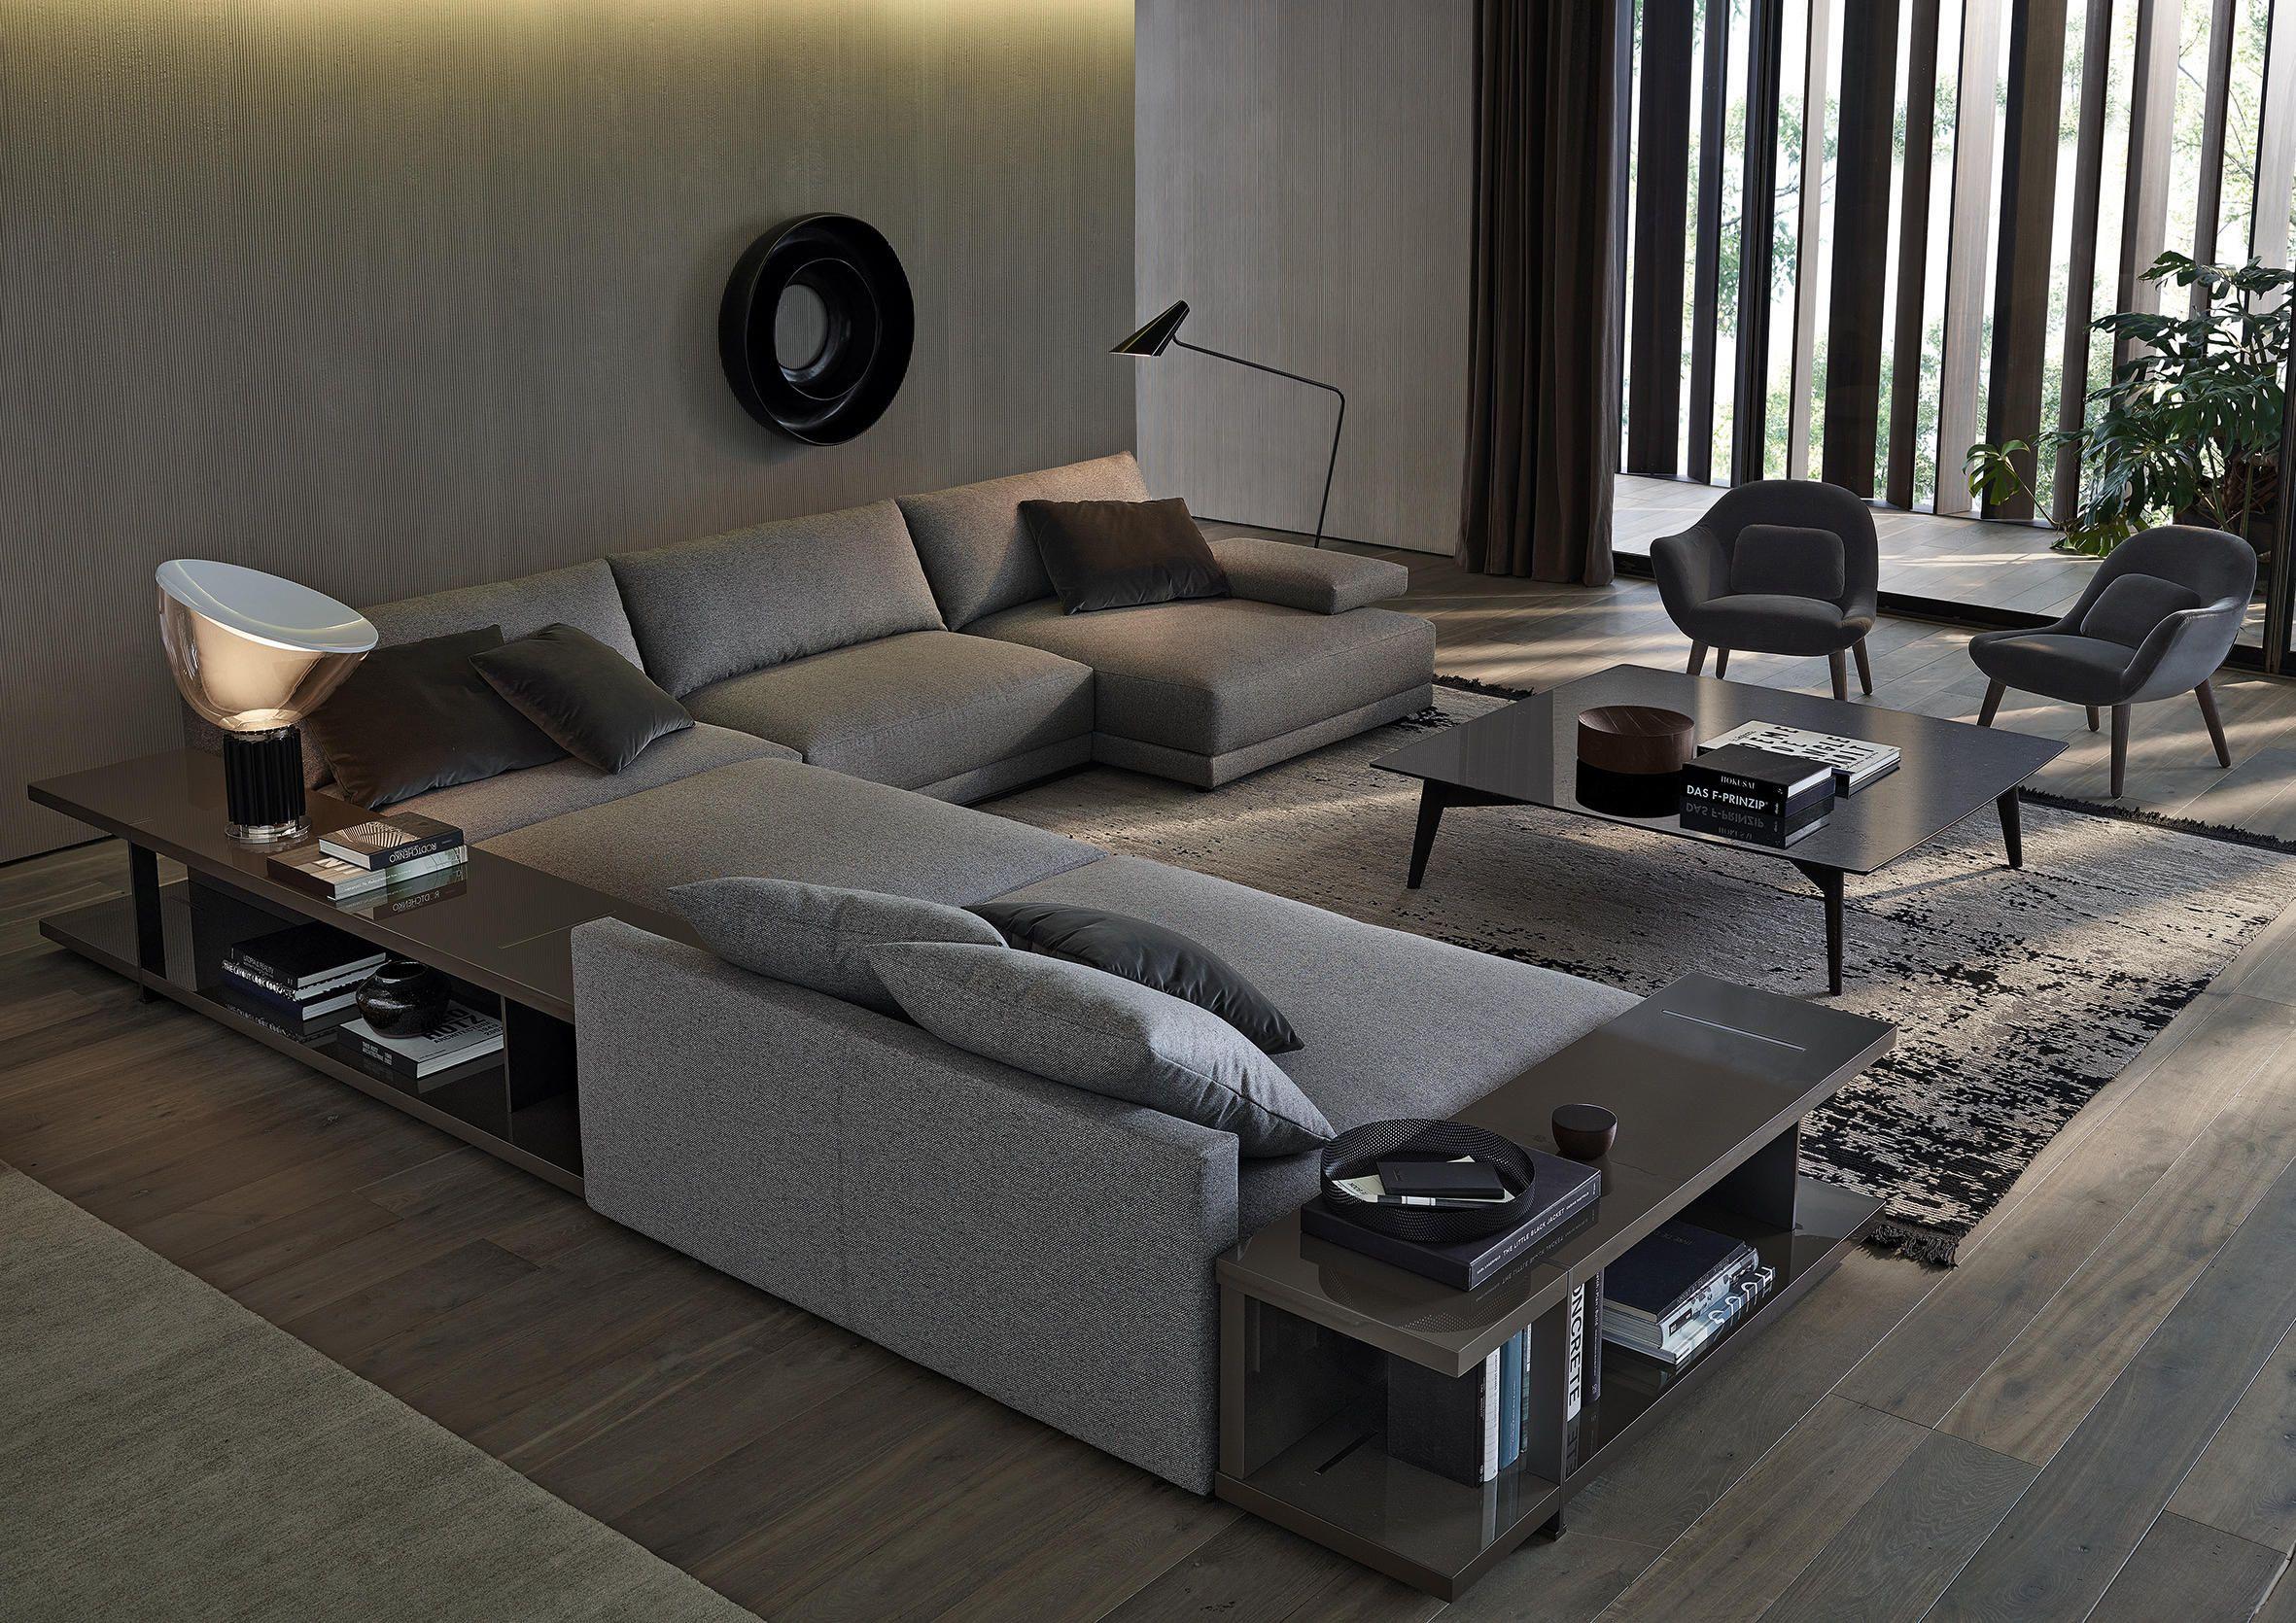 BRISTOL SOFA Designer Sofas von Poliform ✓ Alle Infos